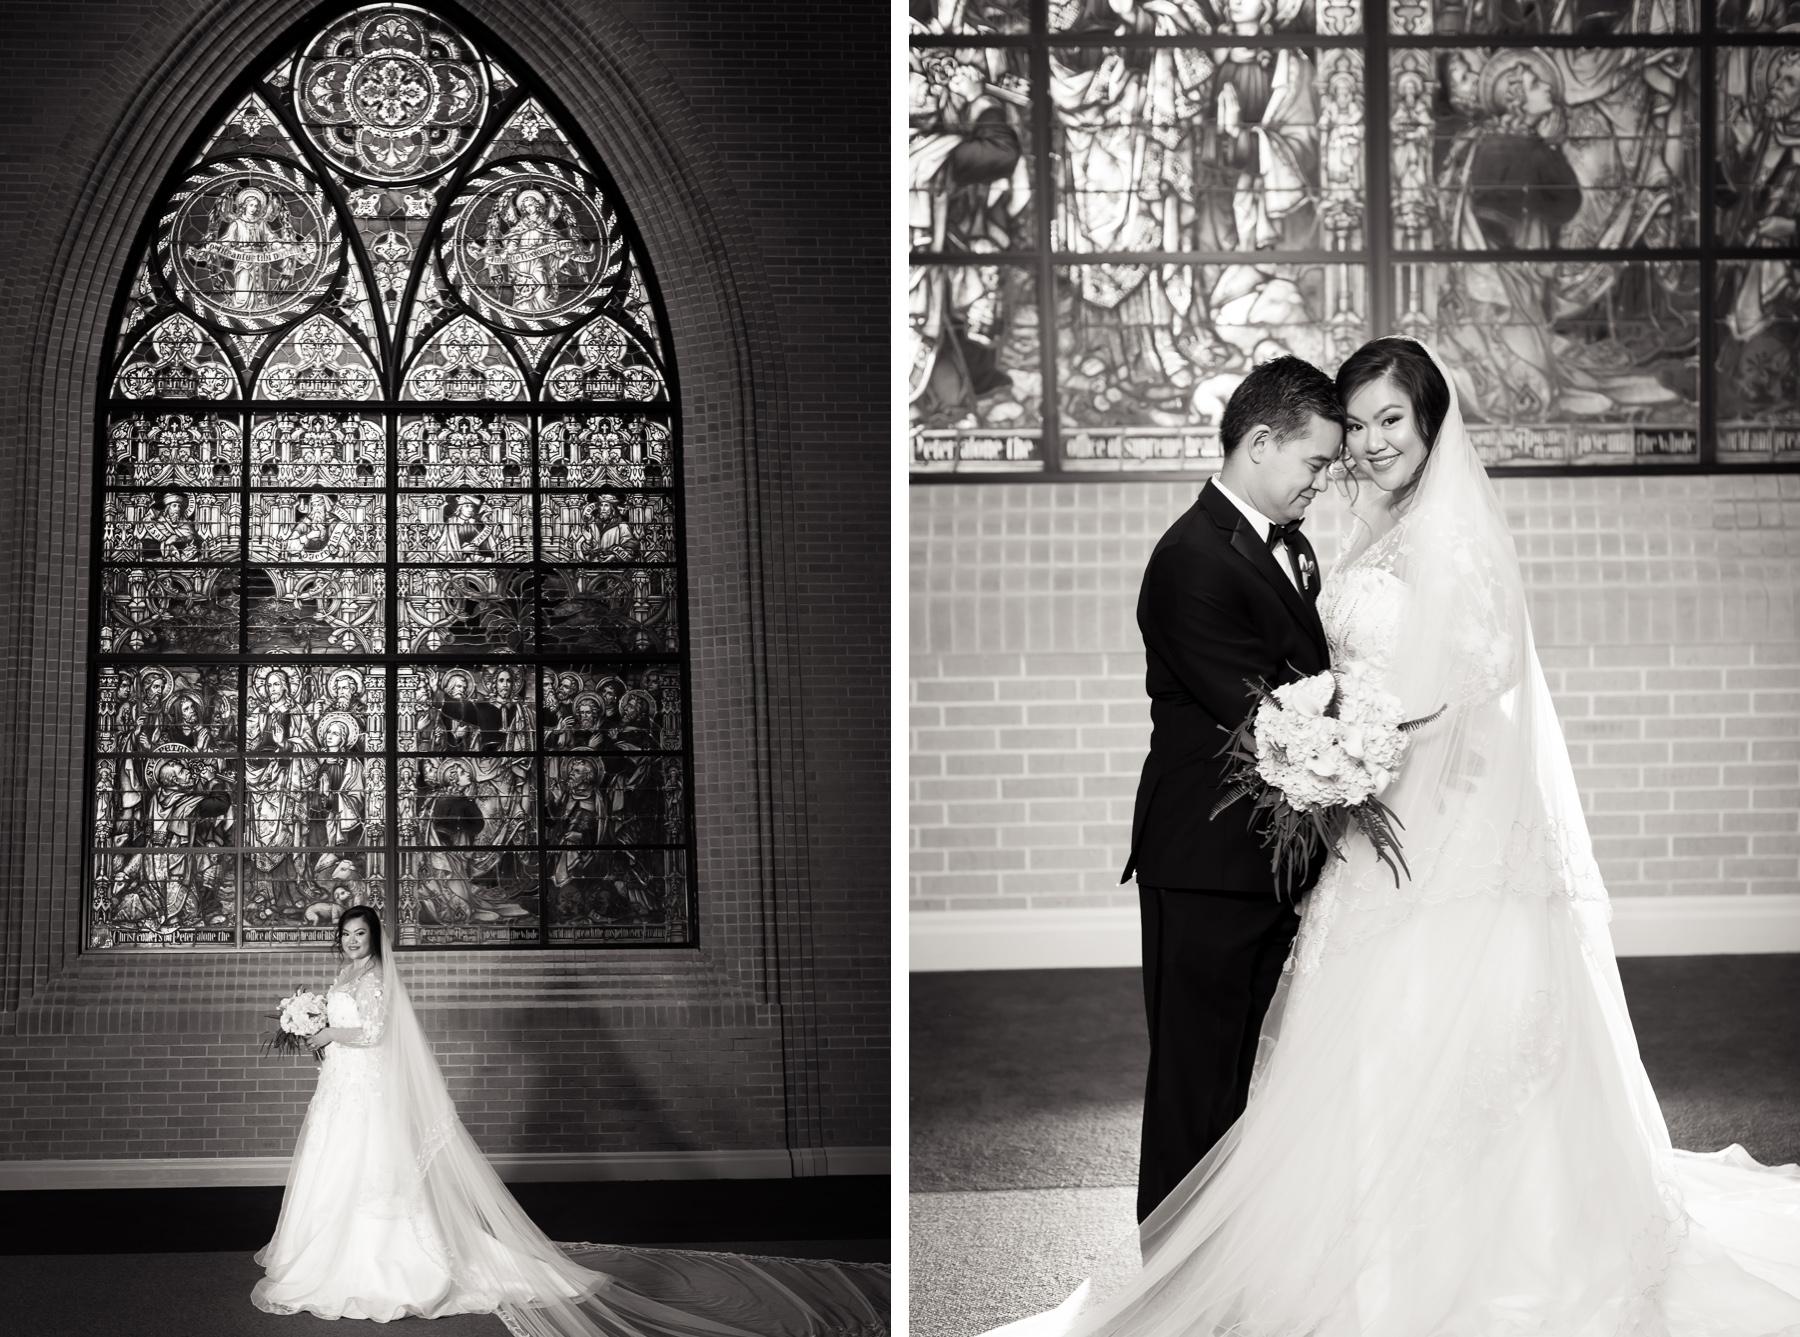 church-wedding-portraits.jpg